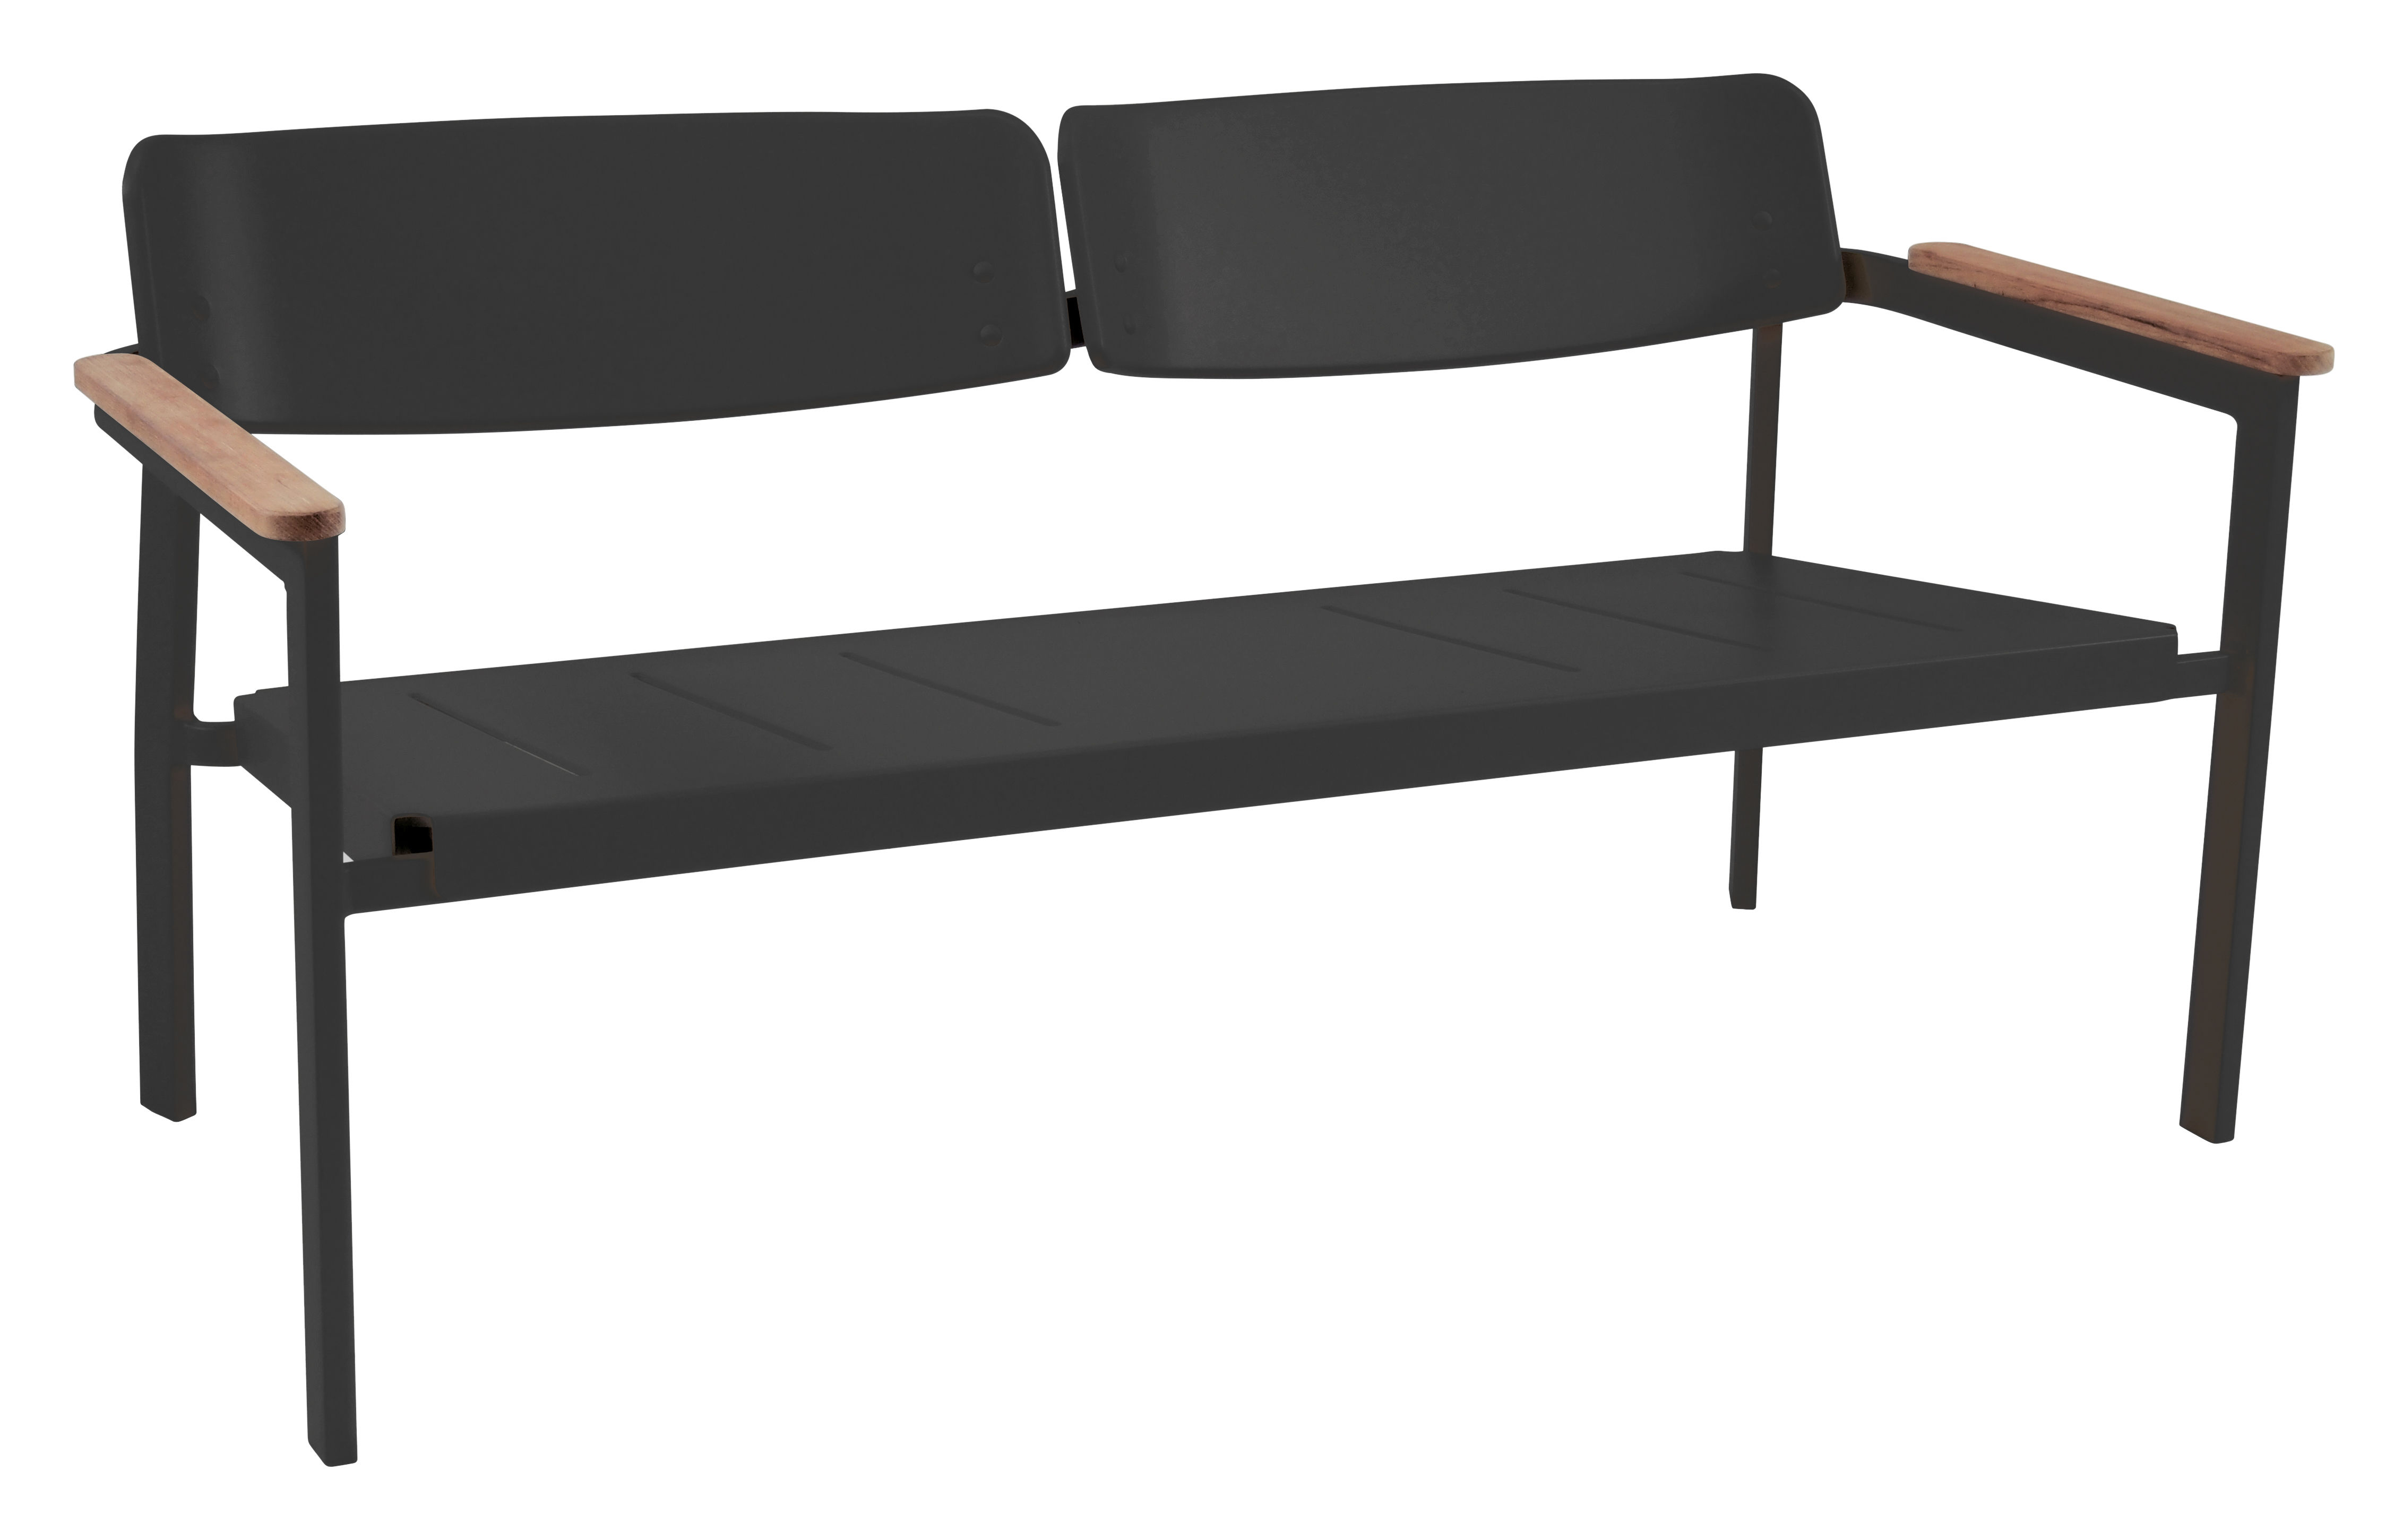 Arredamento - Panchine - Panca con schienale Shine - / 2 posti - L 147 cm di Emu - Nero / Braccioli teck - alluminio verniciato, Teck